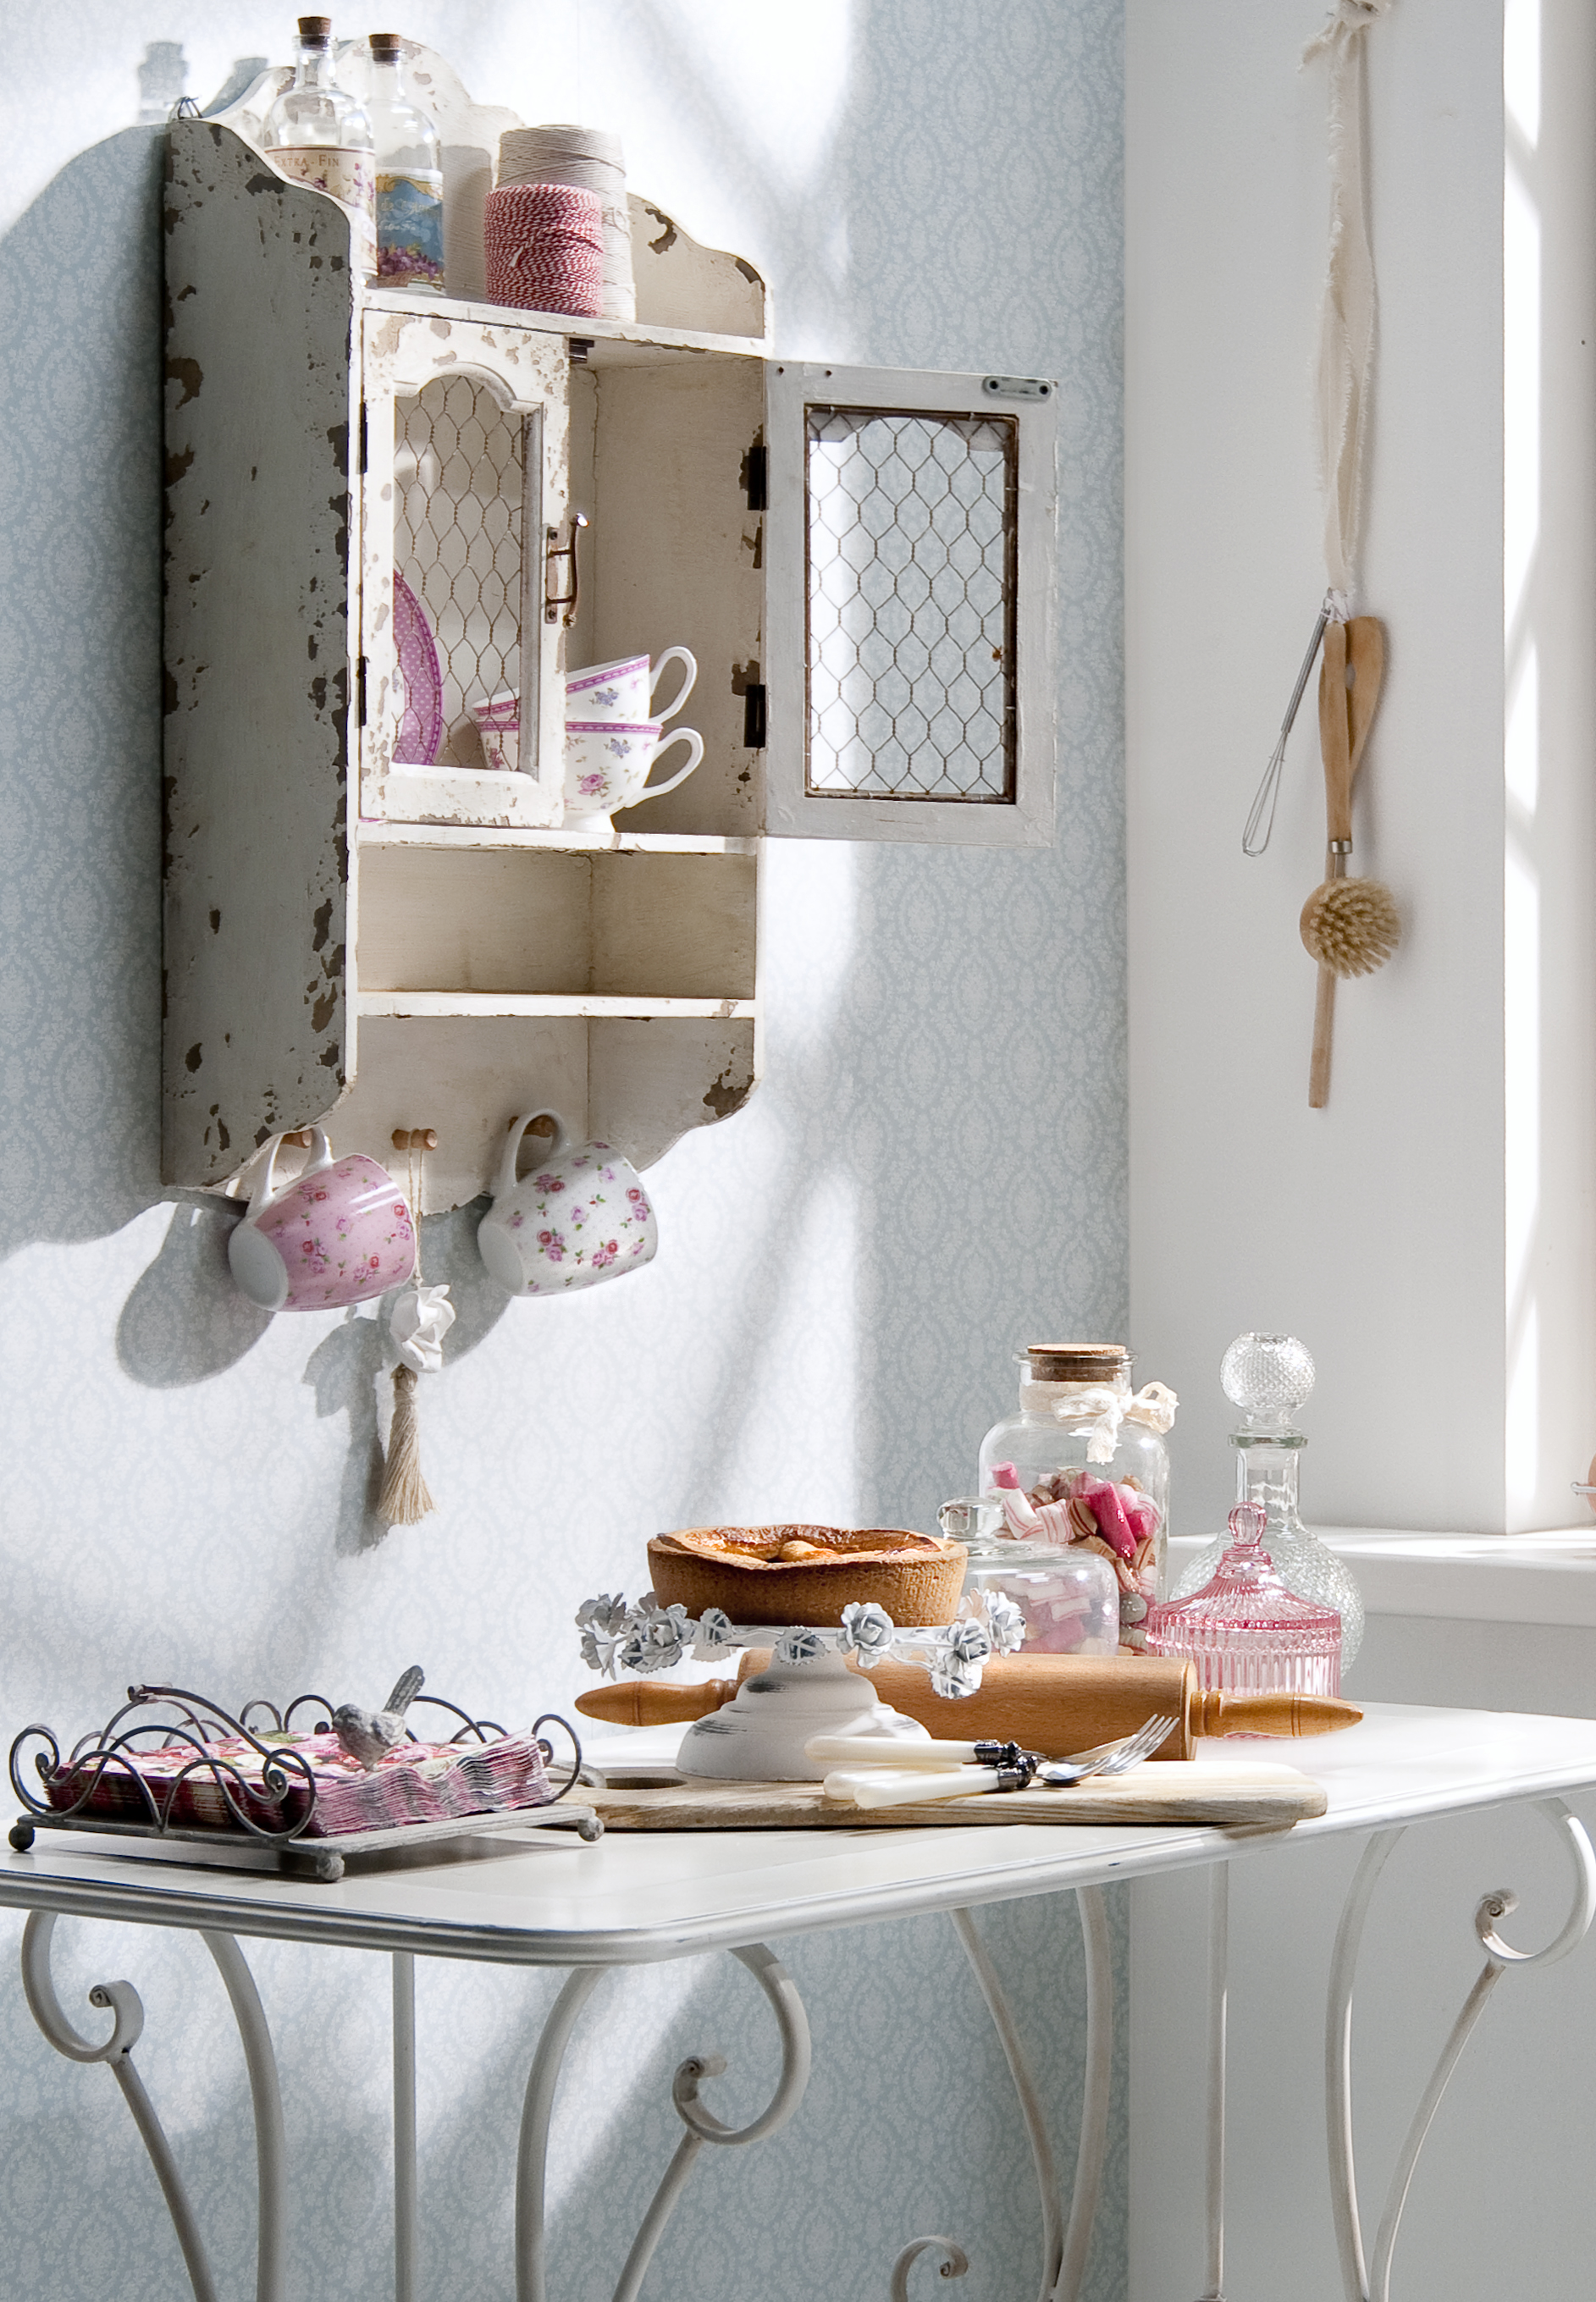 un habitat romantique meubles et d coration style brocante leen bakker fr. Black Bedroom Furniture Sets. Home Design Ideas